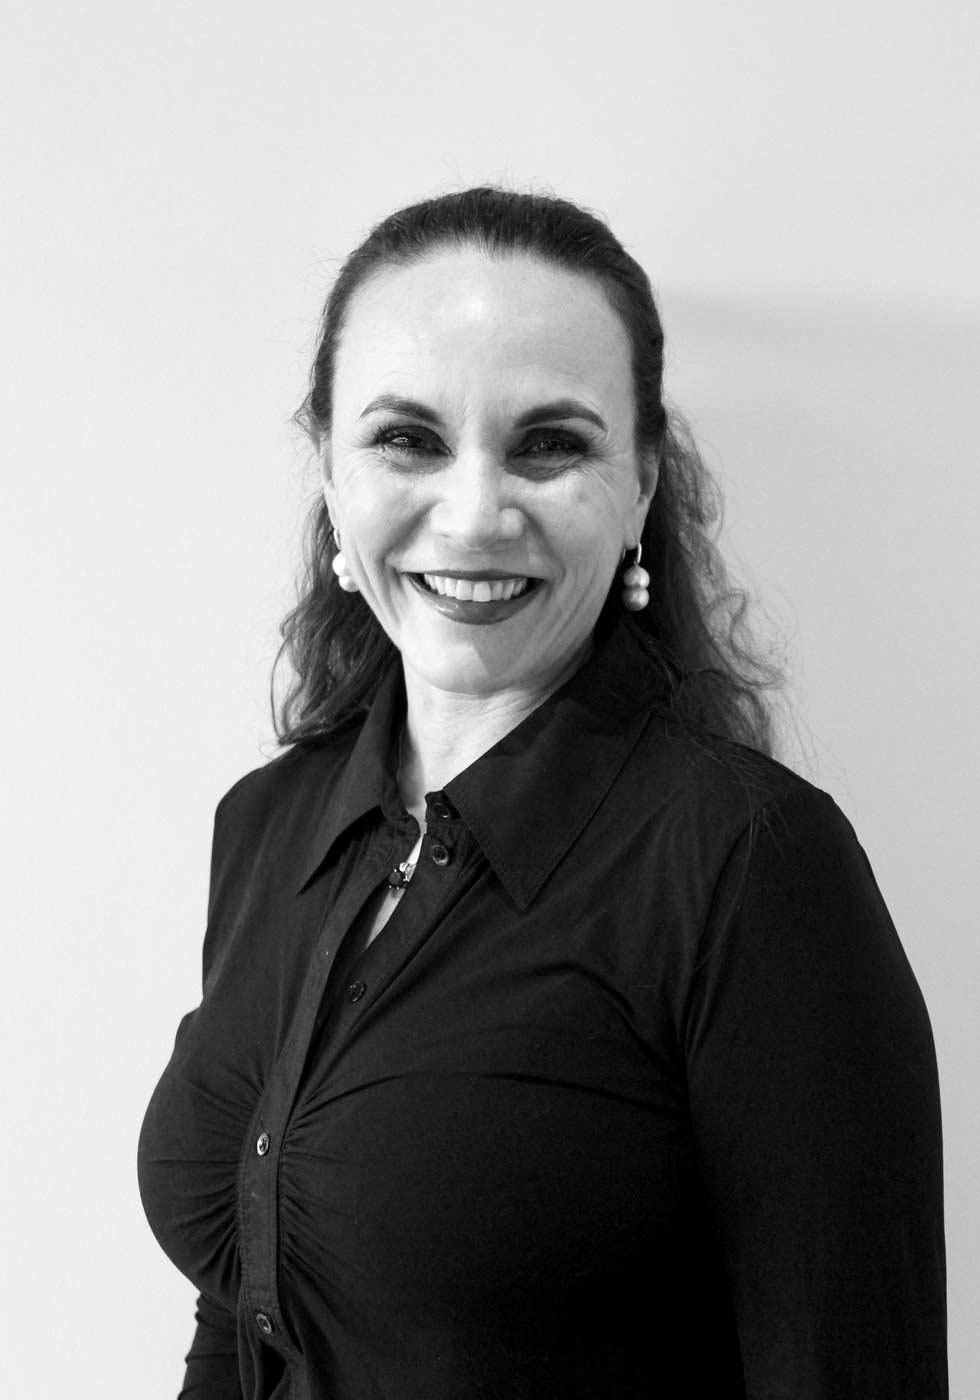 Fiona Sarich